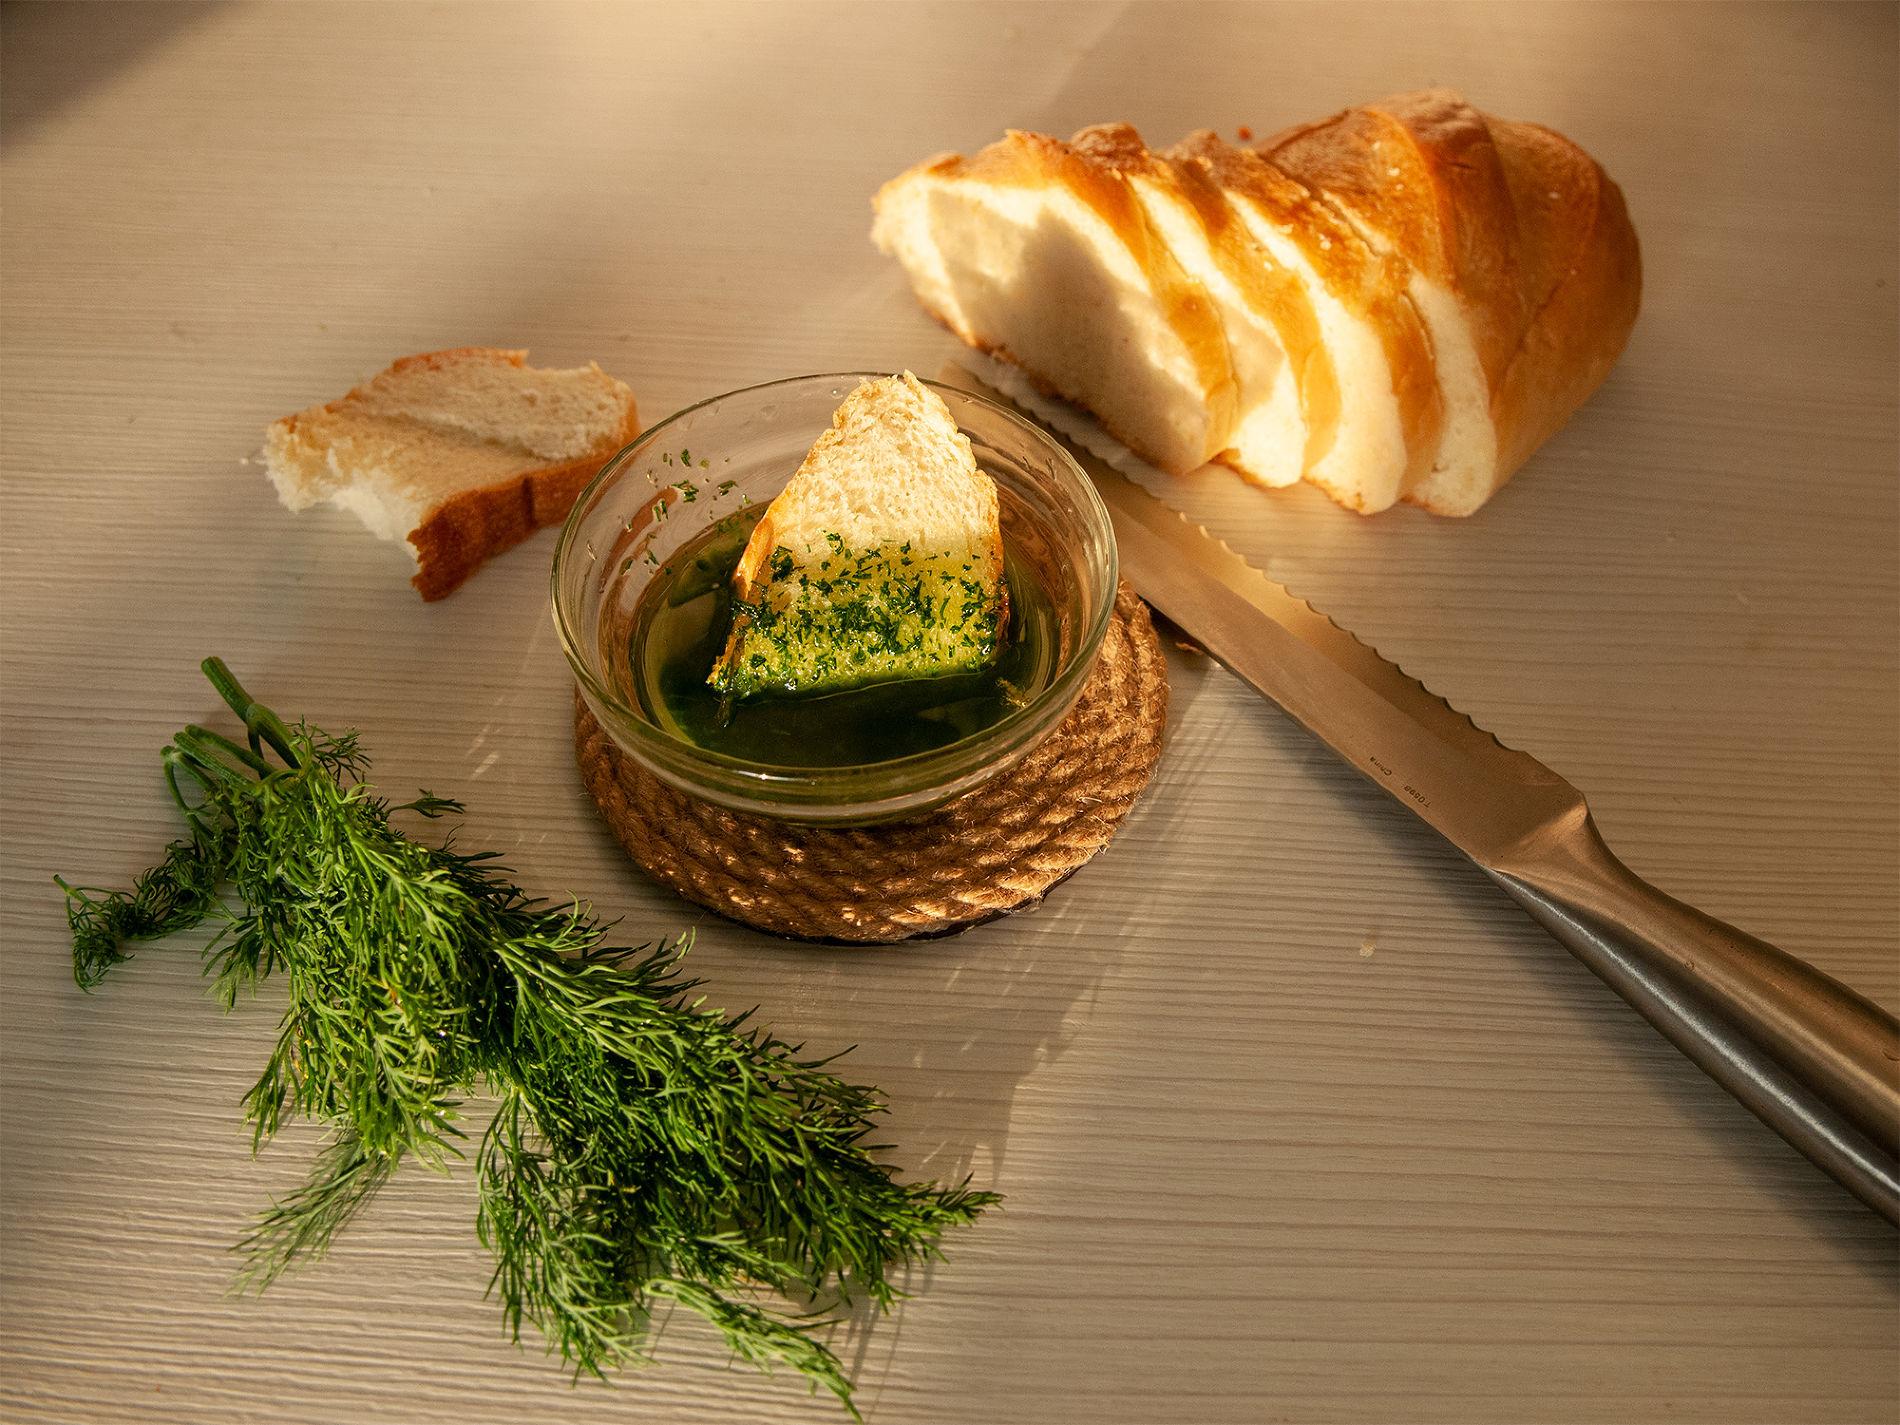 Закуска из укропа с нерафинированным маслом ©Фото Дмитрия Пославского, Юга.ру